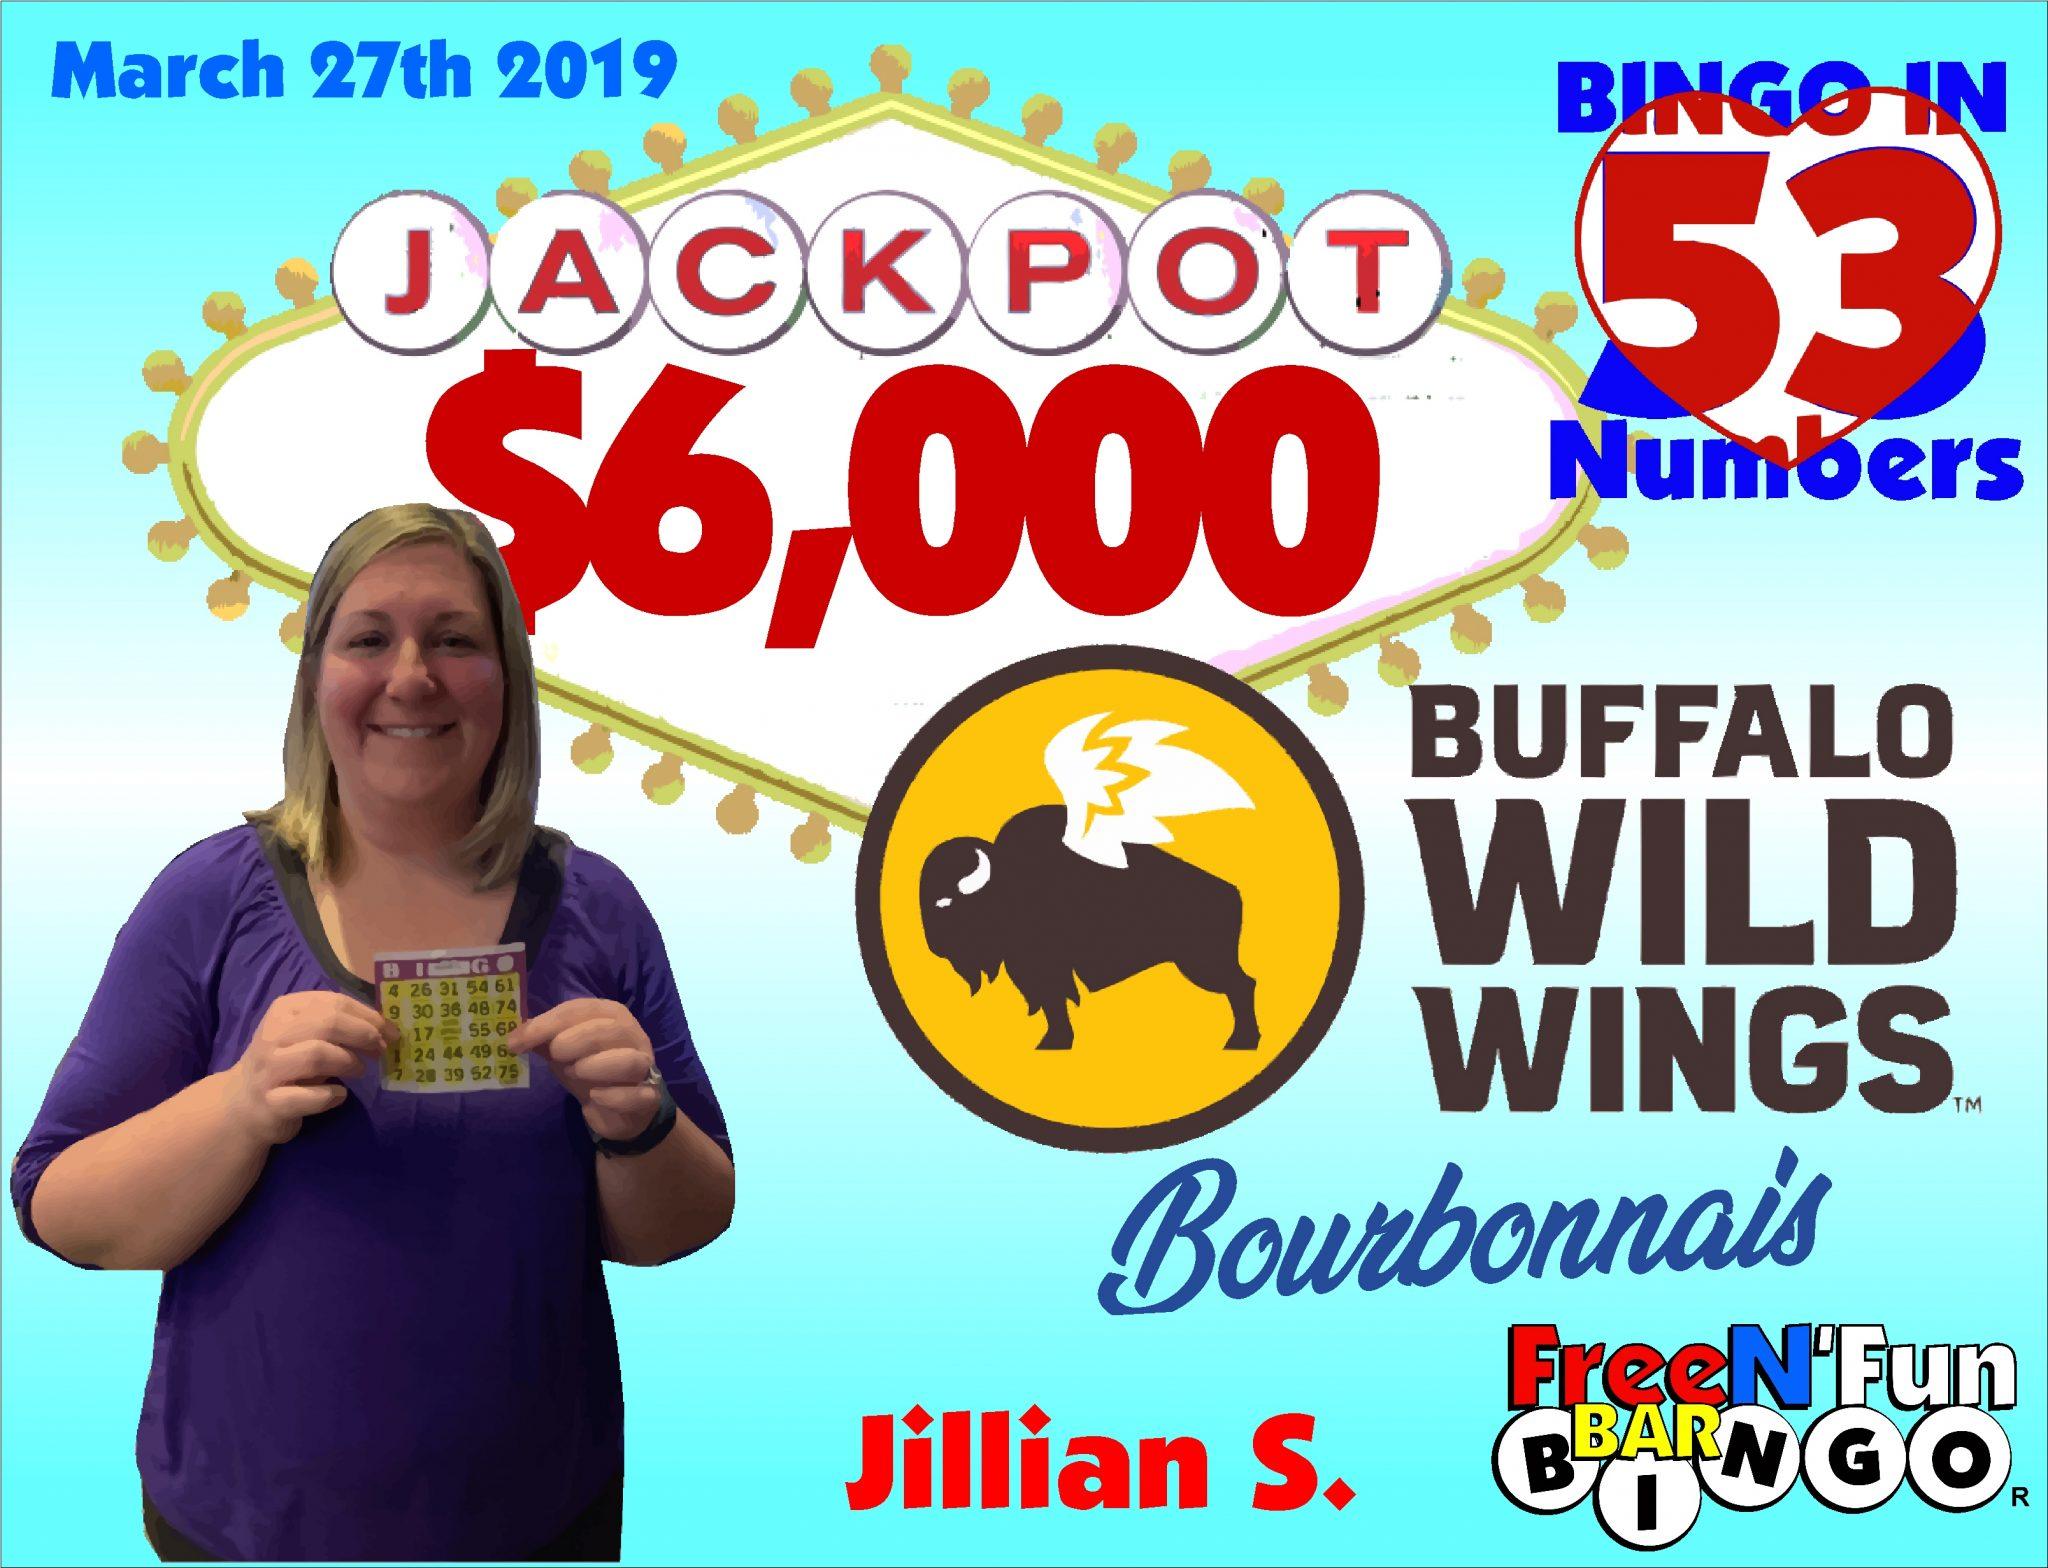 Jackpot Winner 2019 Jillian